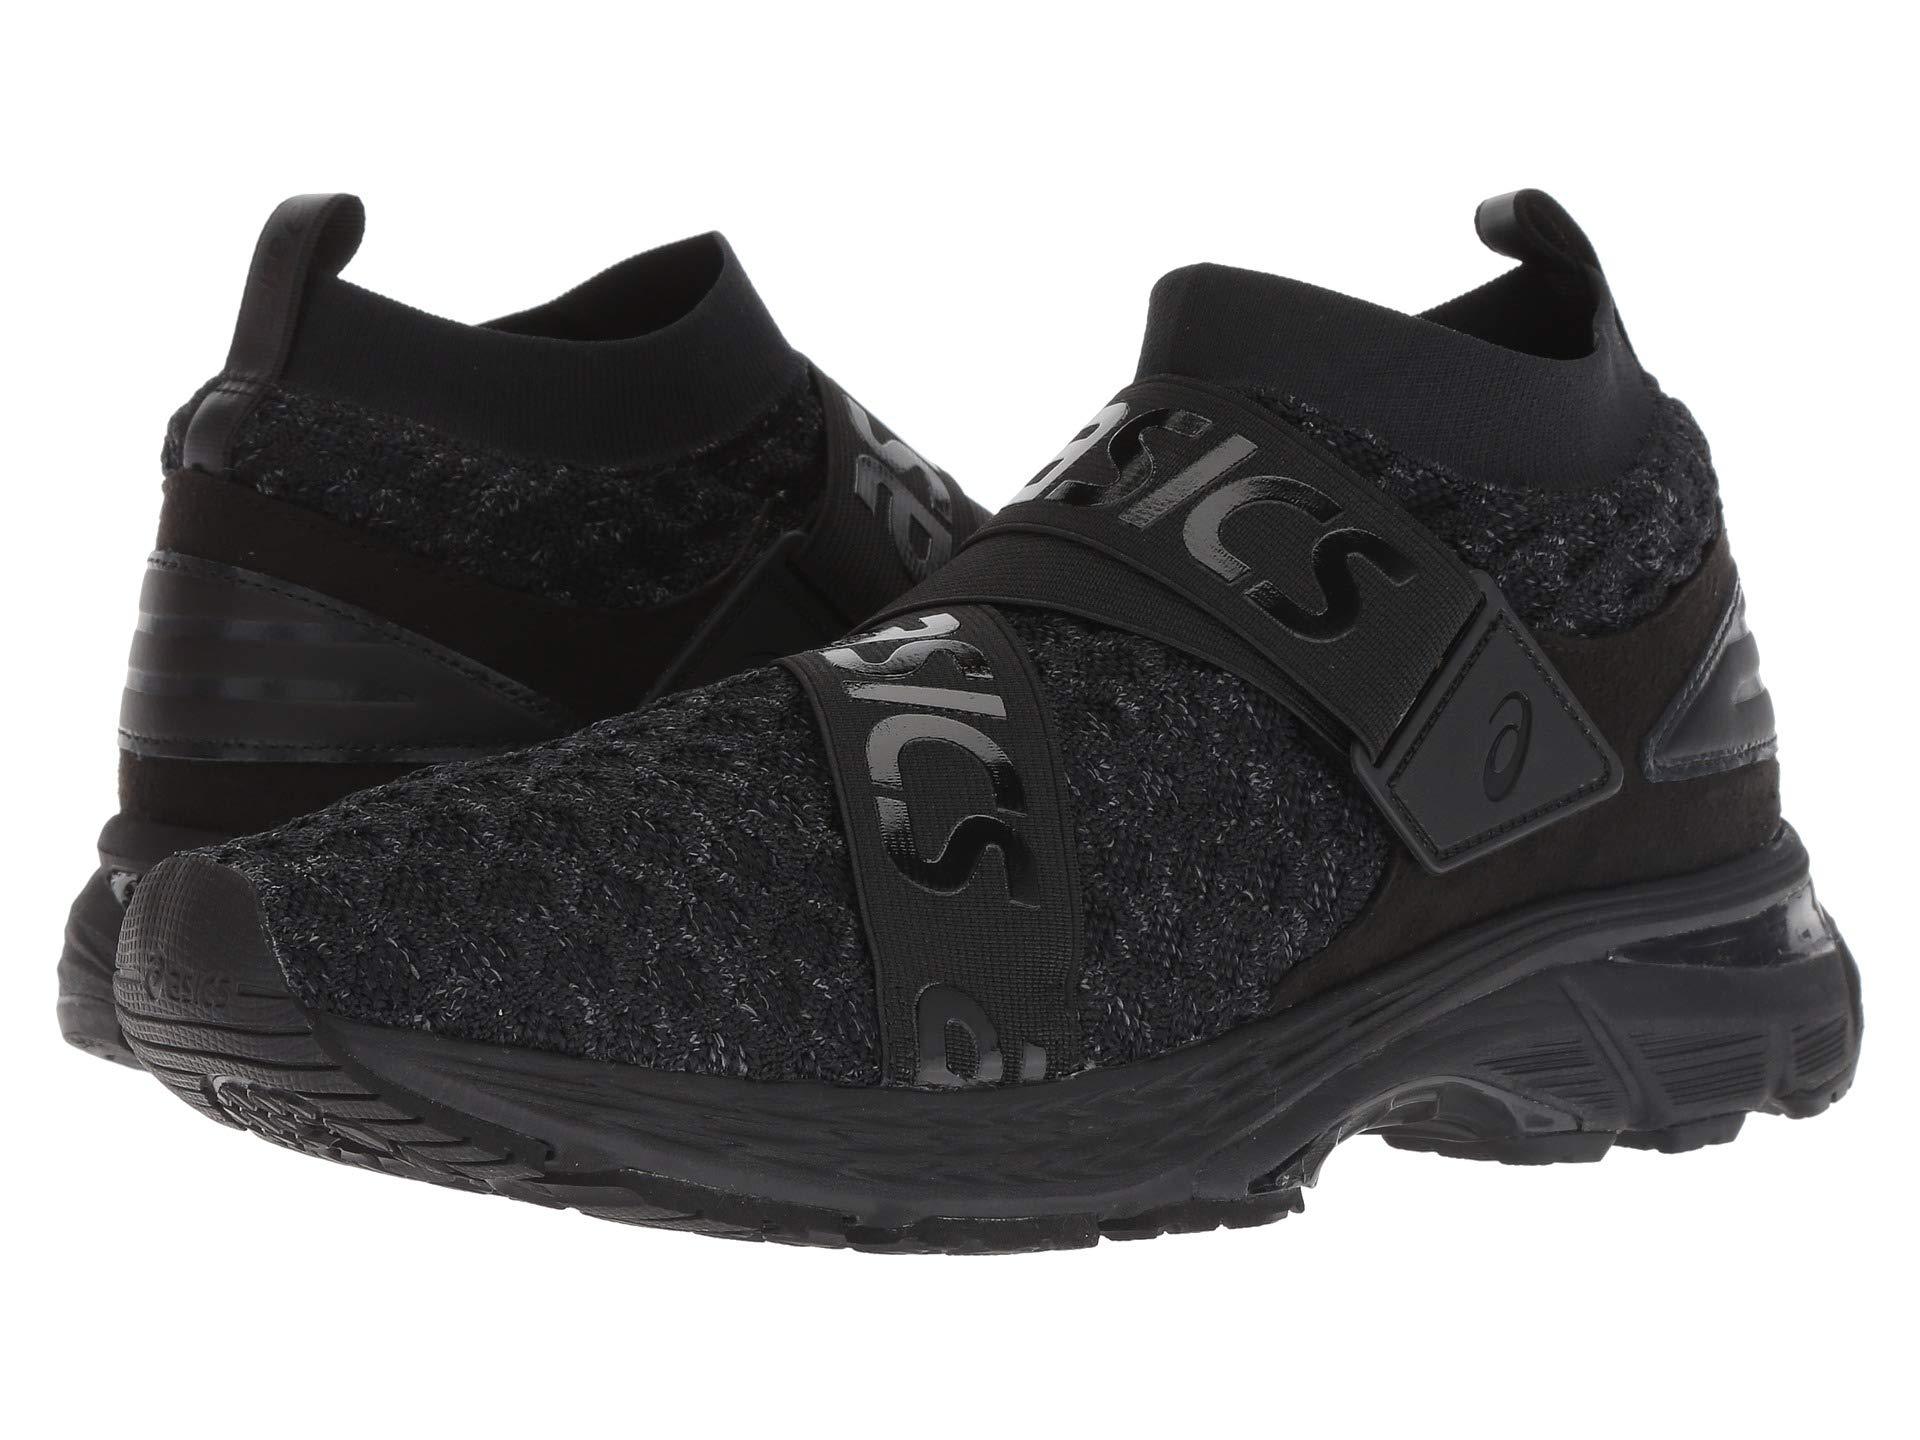 71o0GHmSnVL - ASICS Mens Gel-Kayano 25 Obistag Black/Carbon Running Shoe - 9